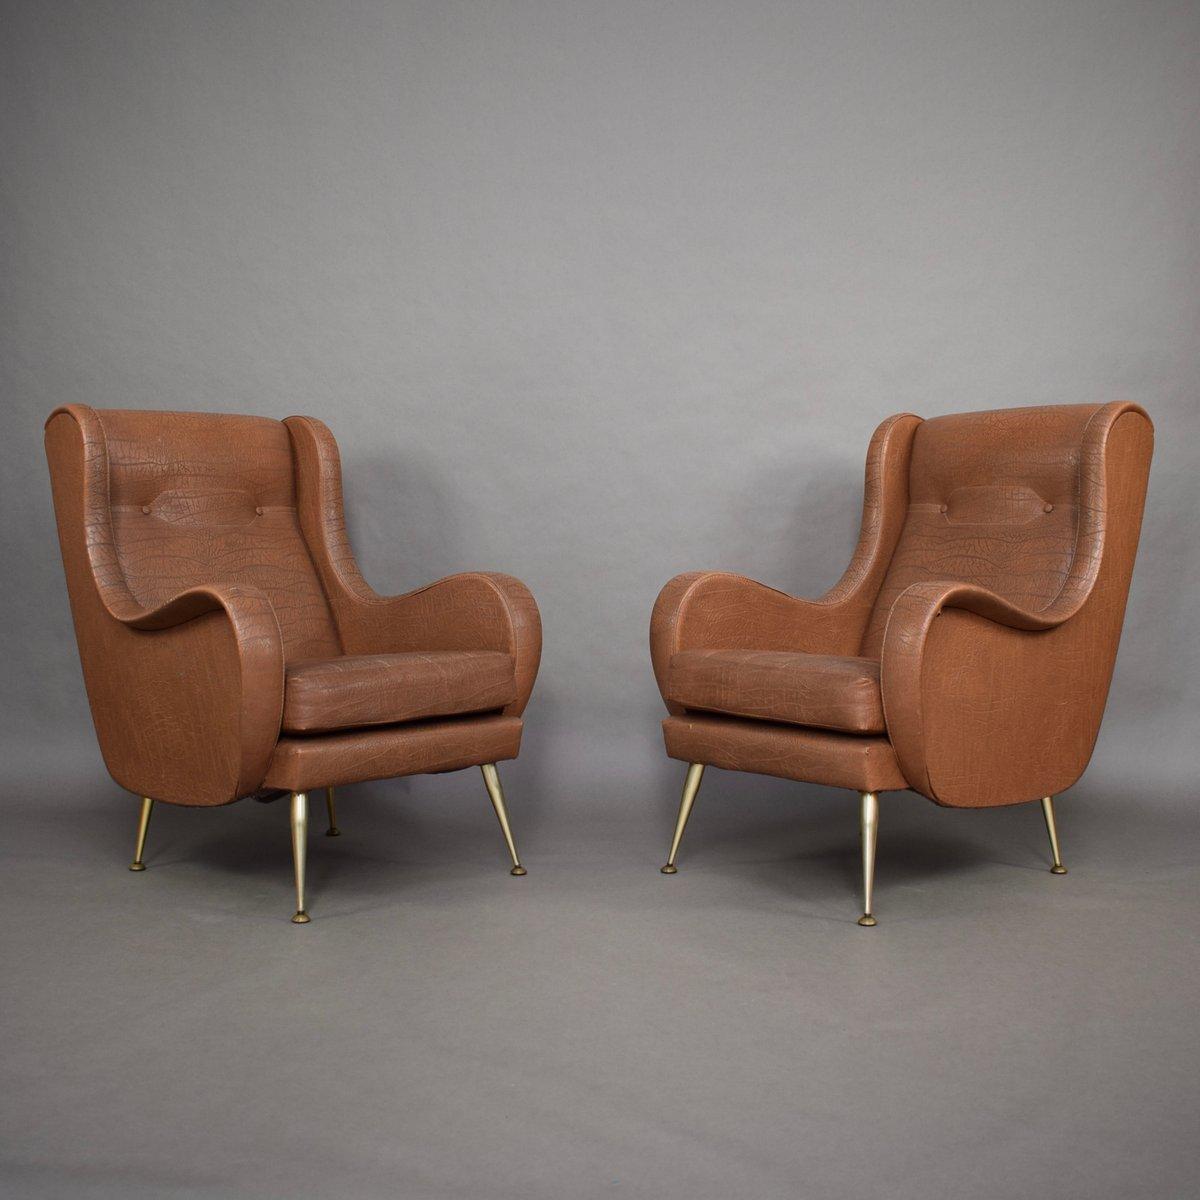 Italienische Vintage Sessel von Aldo Morbelli, 2er Set